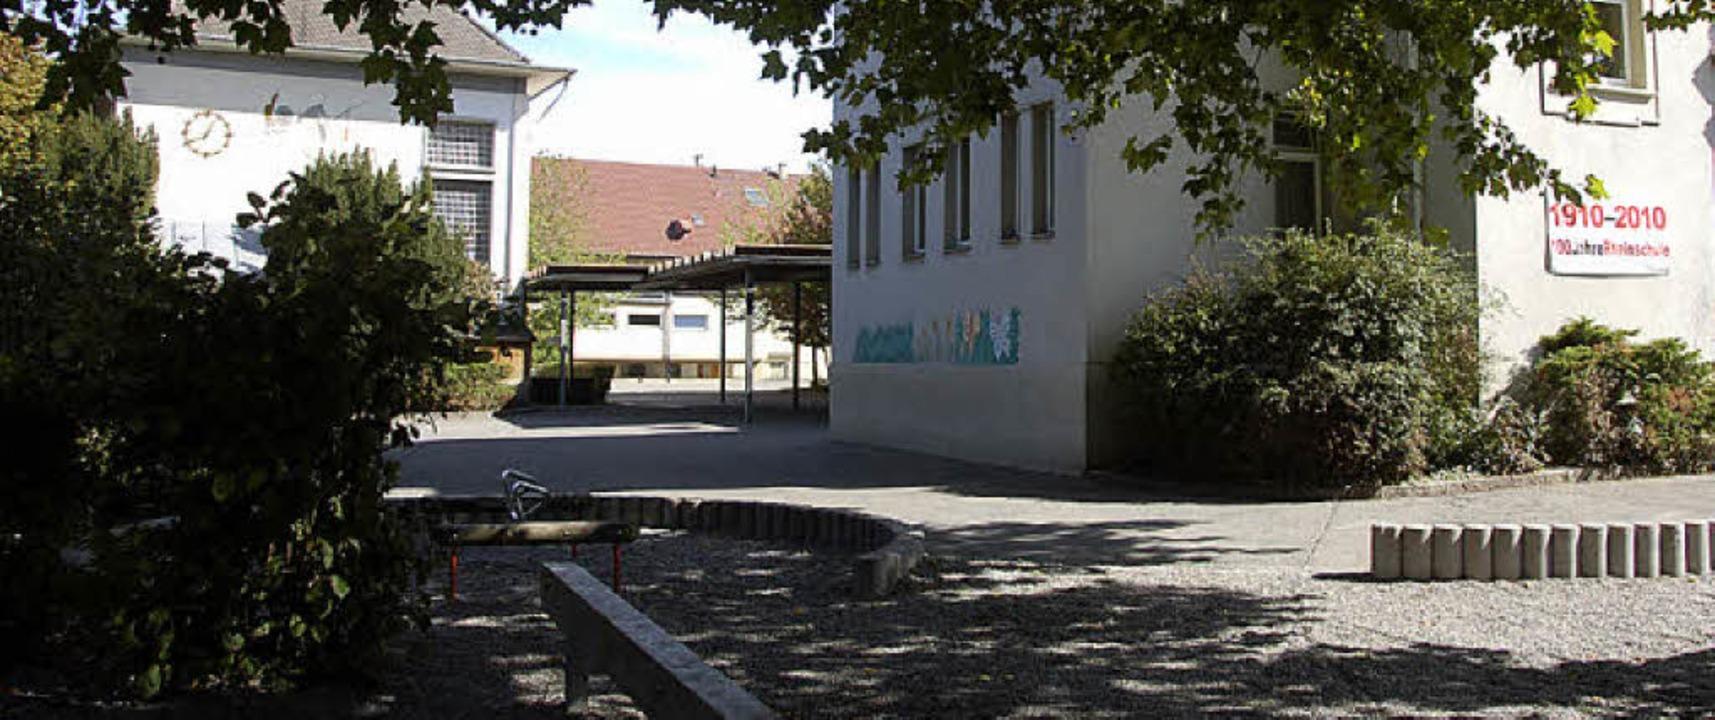 Knapp wird der Platz um die Rheinschul...nden Woche die Baumaschinen anrücken.     Foto: SENF